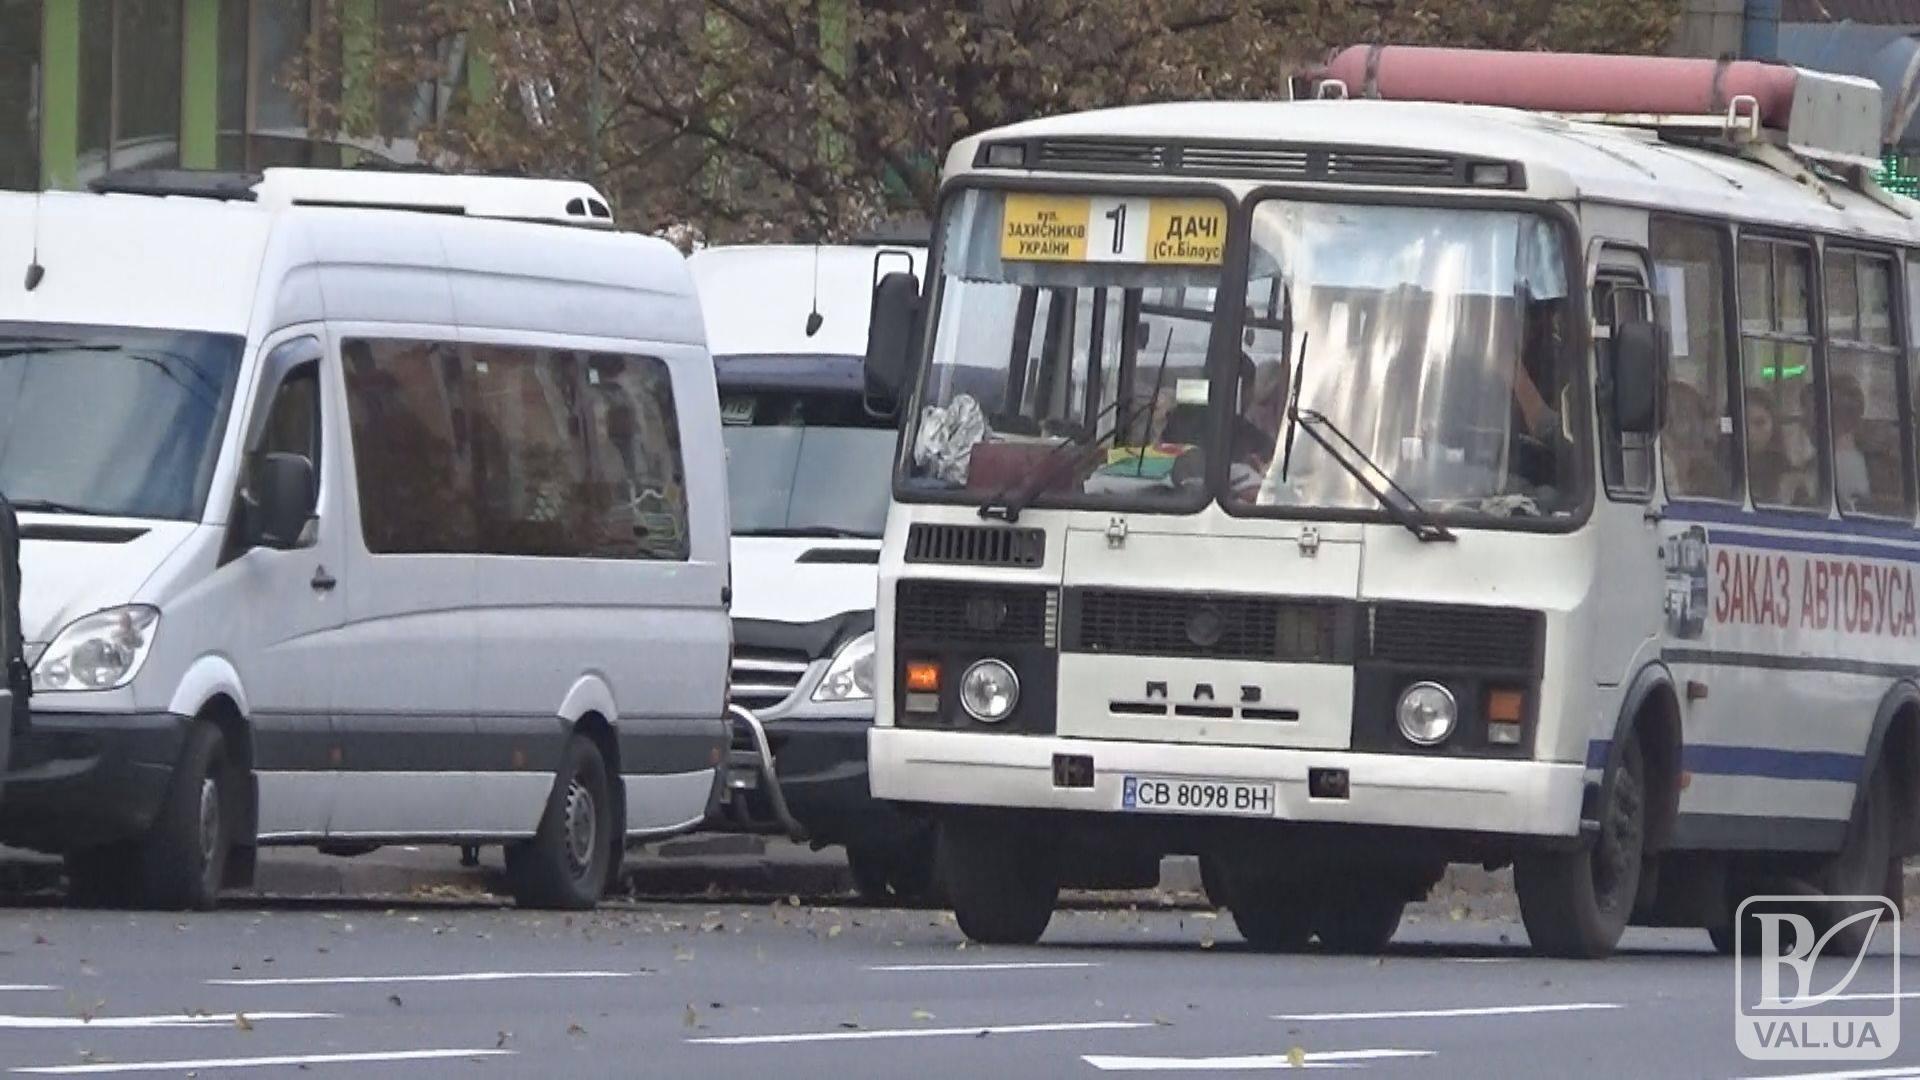 Перевізник може відмовитися від 1-го маршруту, - управління транспорту. ВІДЕО